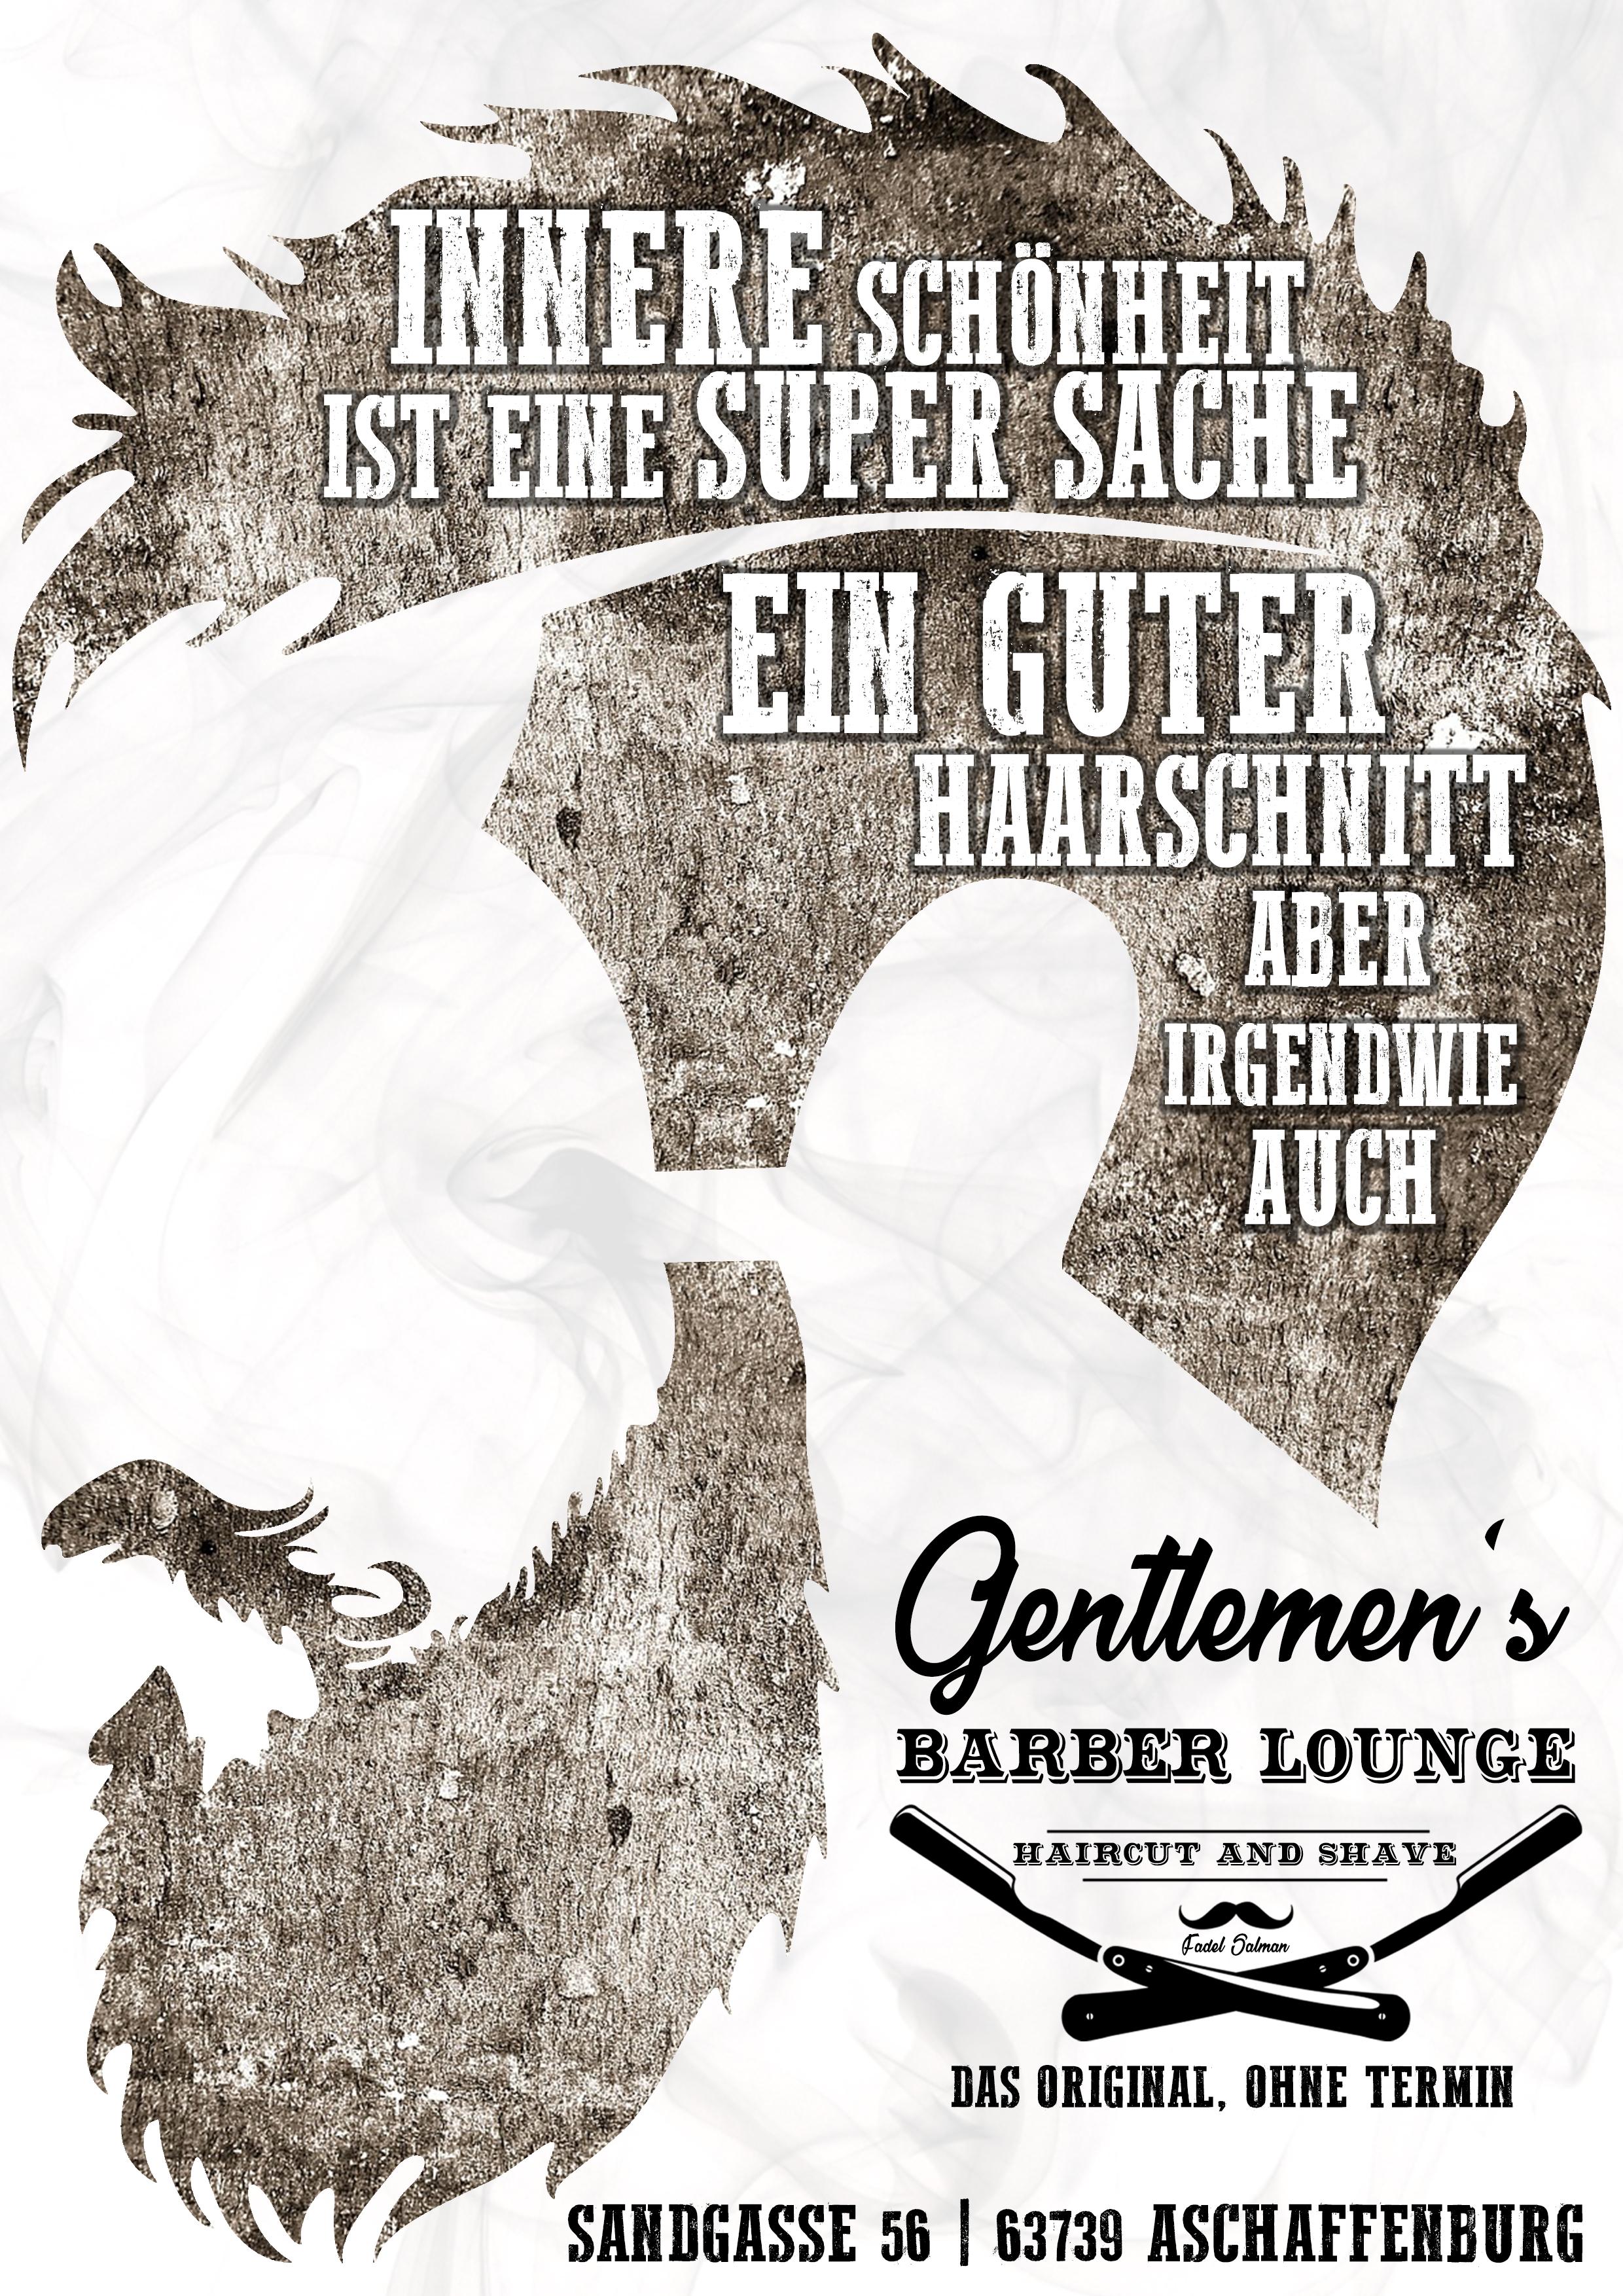 Gentlemens Barber Lounge